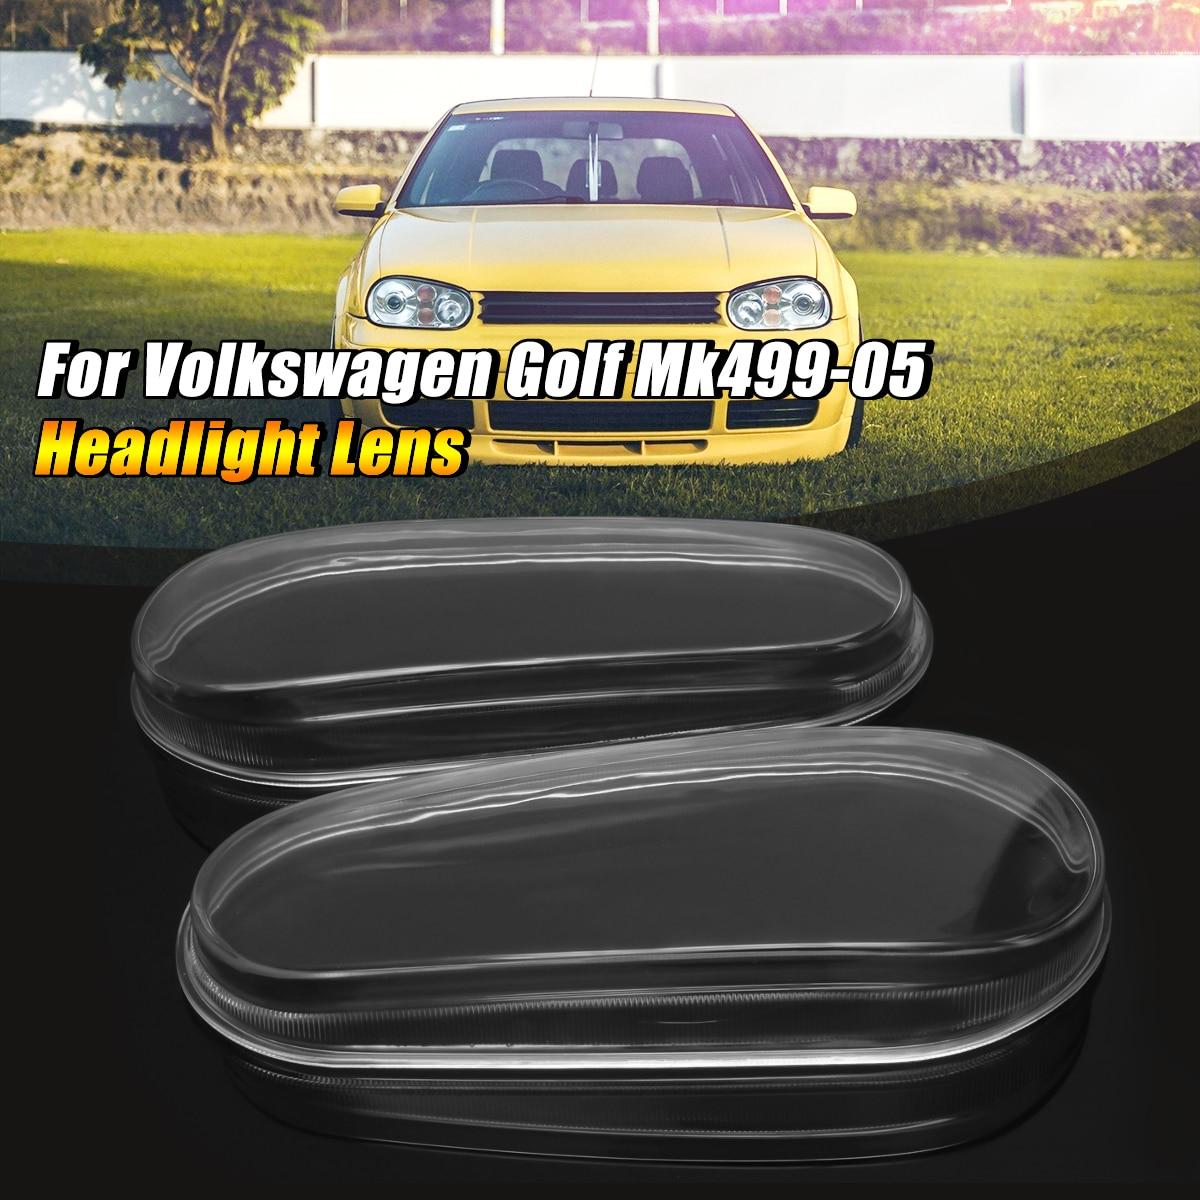 Car Glass Lens Headlight Lamp Housing Cover For VW MK4 Golf GTI R32 1999 2000 2001 2002 2003 2004 2005